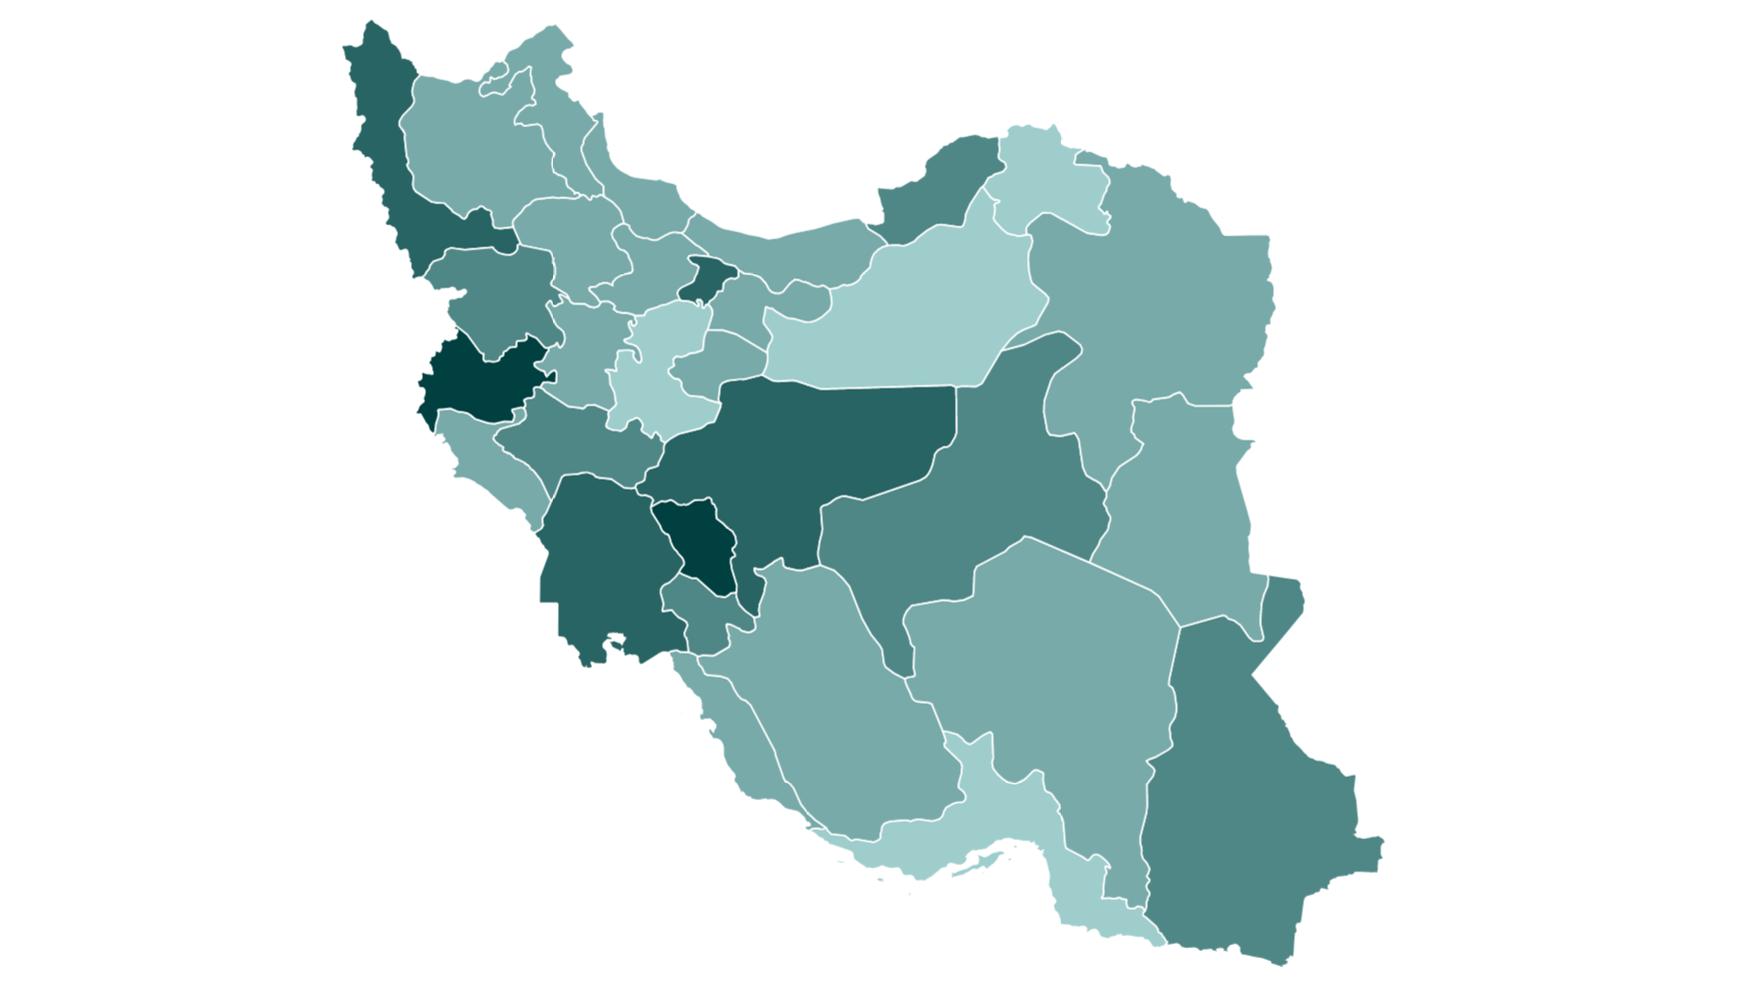 نقشه بیکاری در استان های ایران